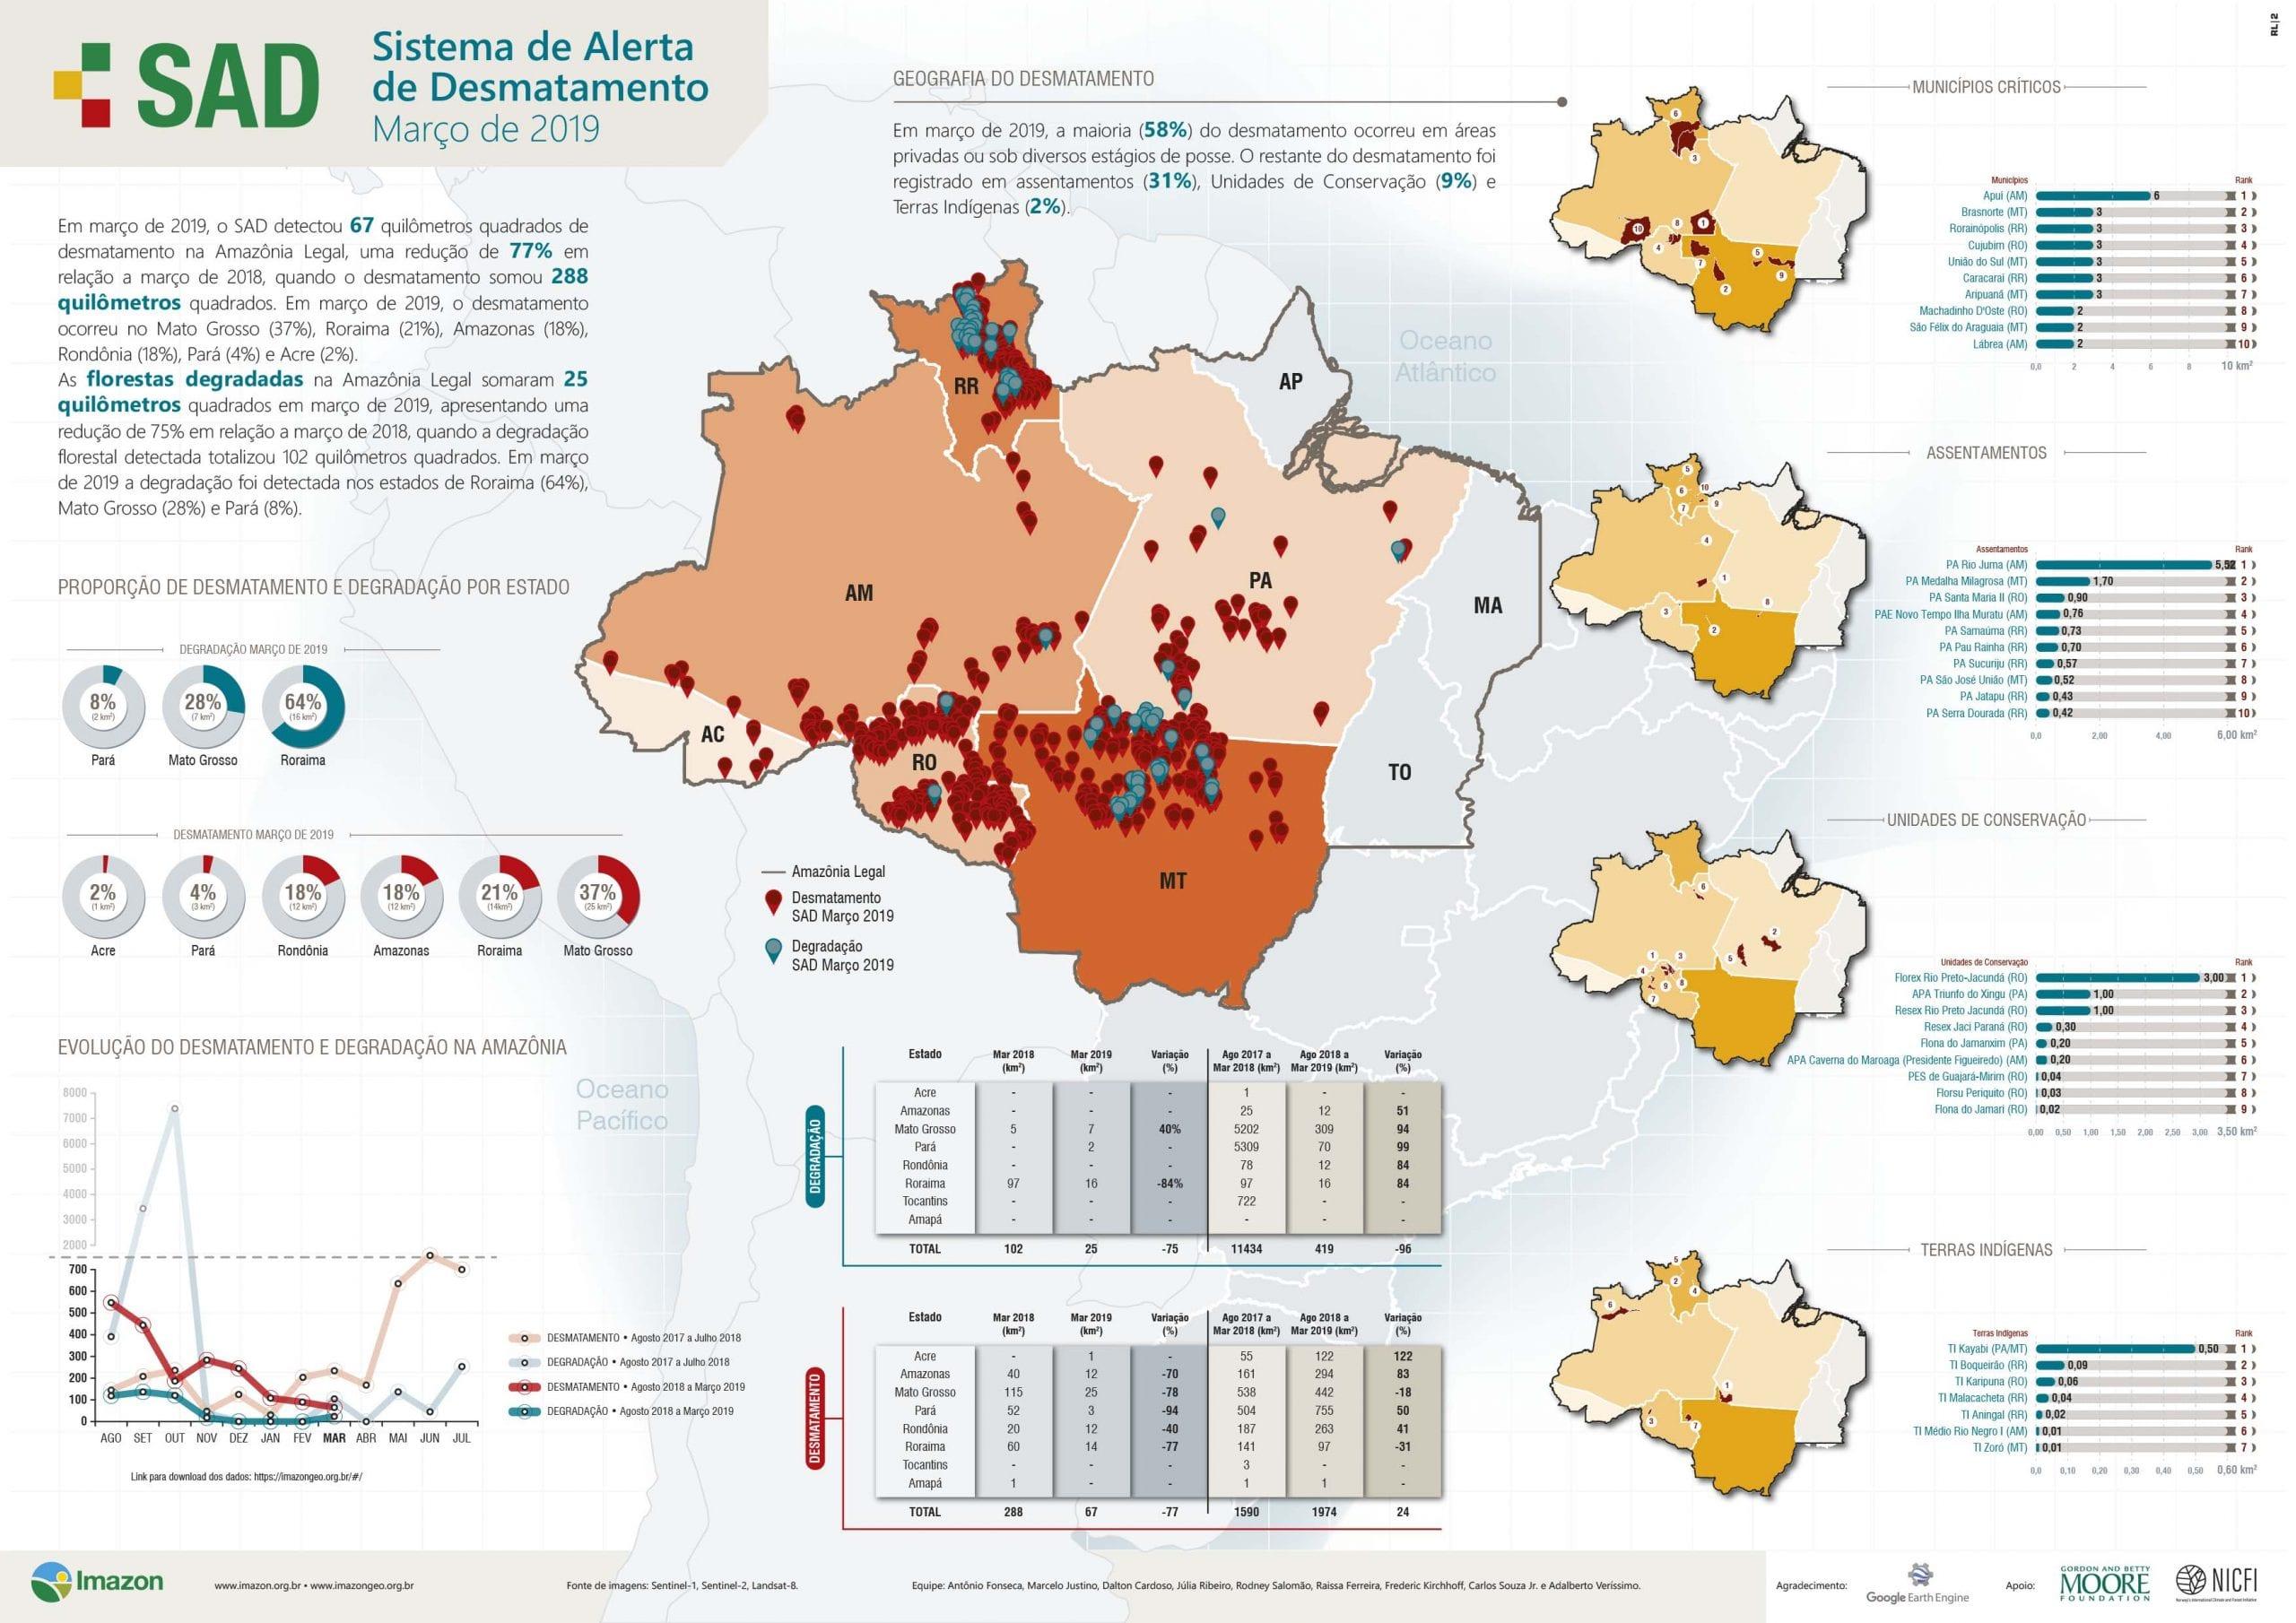 SAD março 2019 1 - Boletim do desmatamento da Amazônia Legal (março 2019) SAD